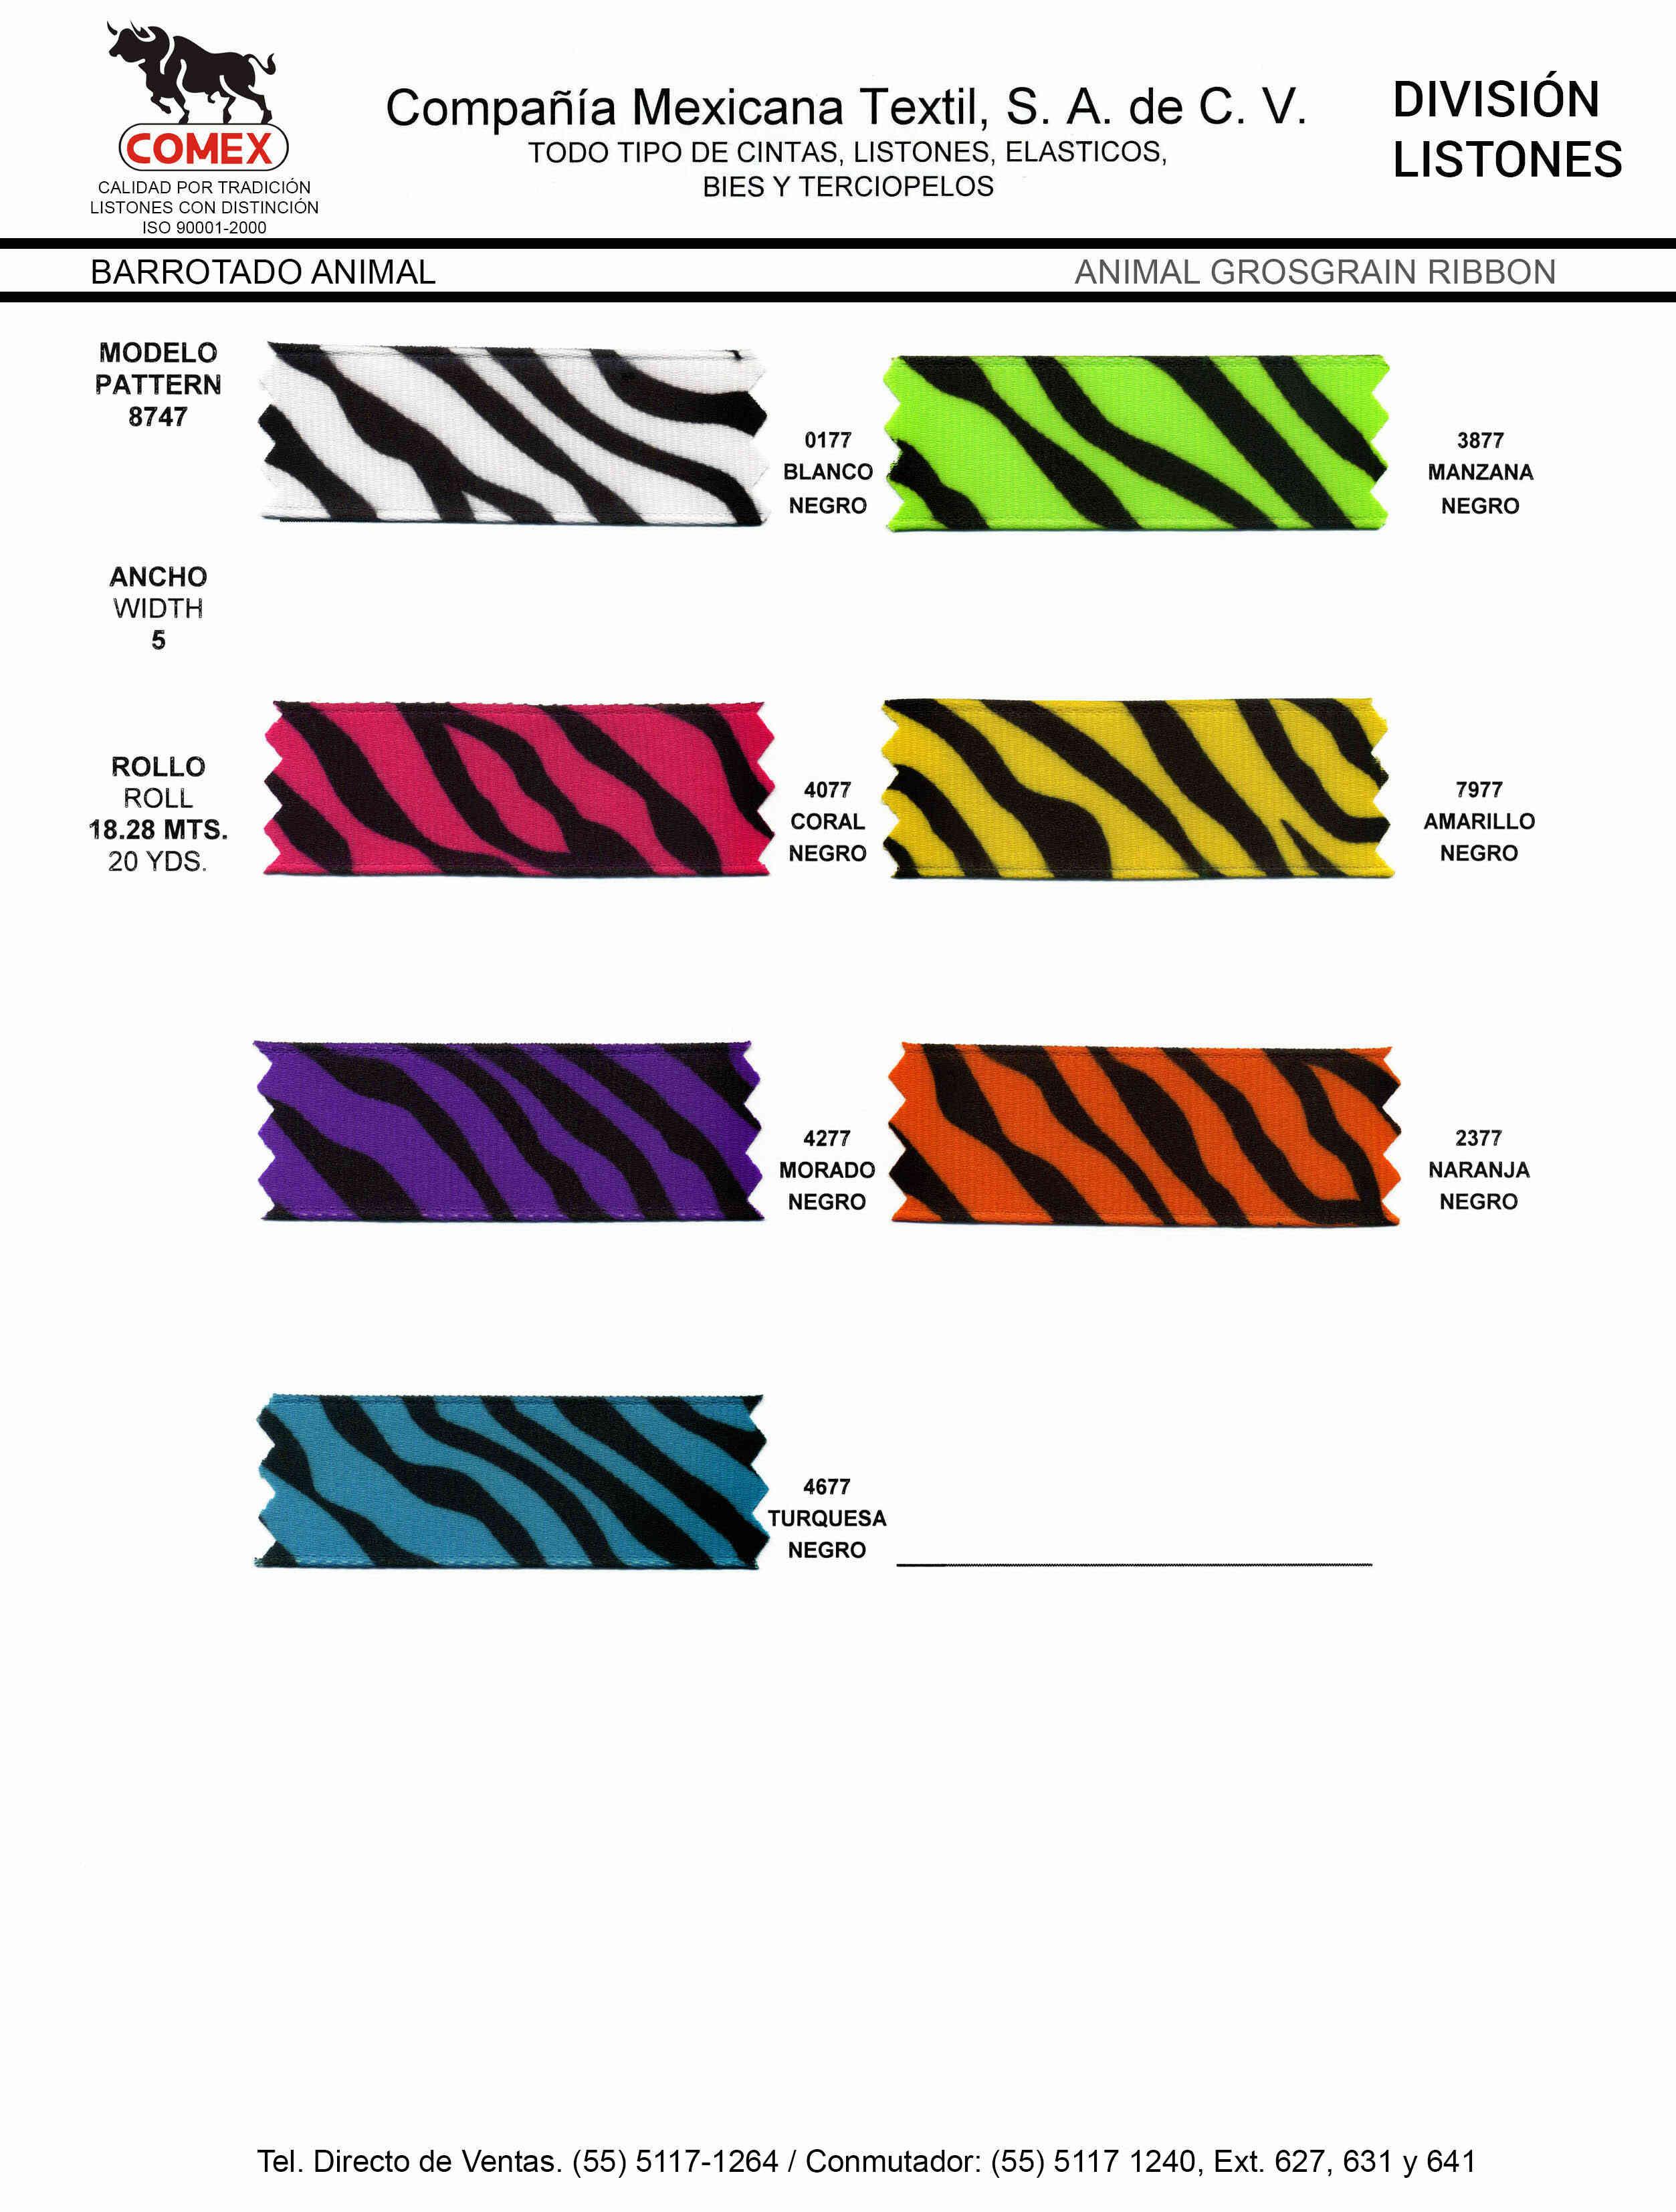 Anchos y Colores de Liston Mod.8747 18.28 Mt.